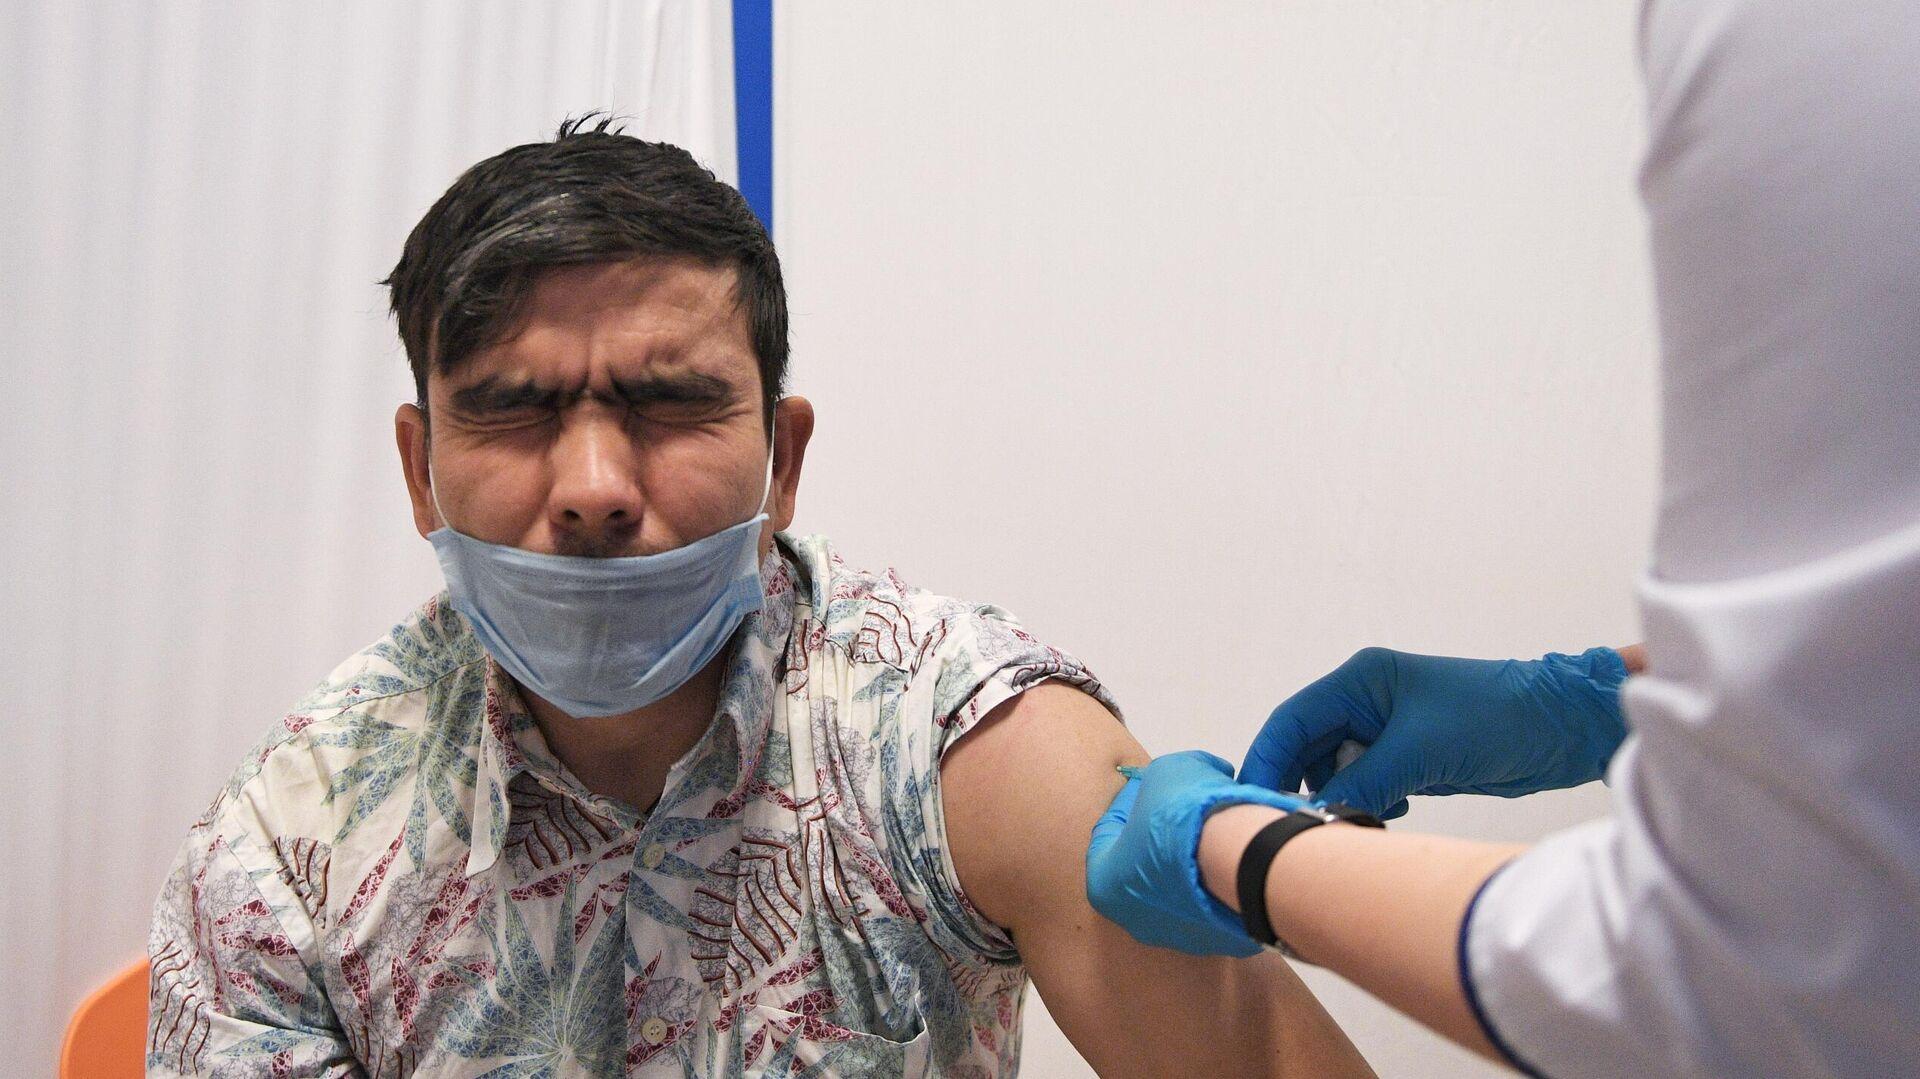 Медик выездной бригады вакцинирует мужчину российским препаратом от COVID-19 Гам-Ковид-Вак  - РИА Новости, 1920, 04.02.2021